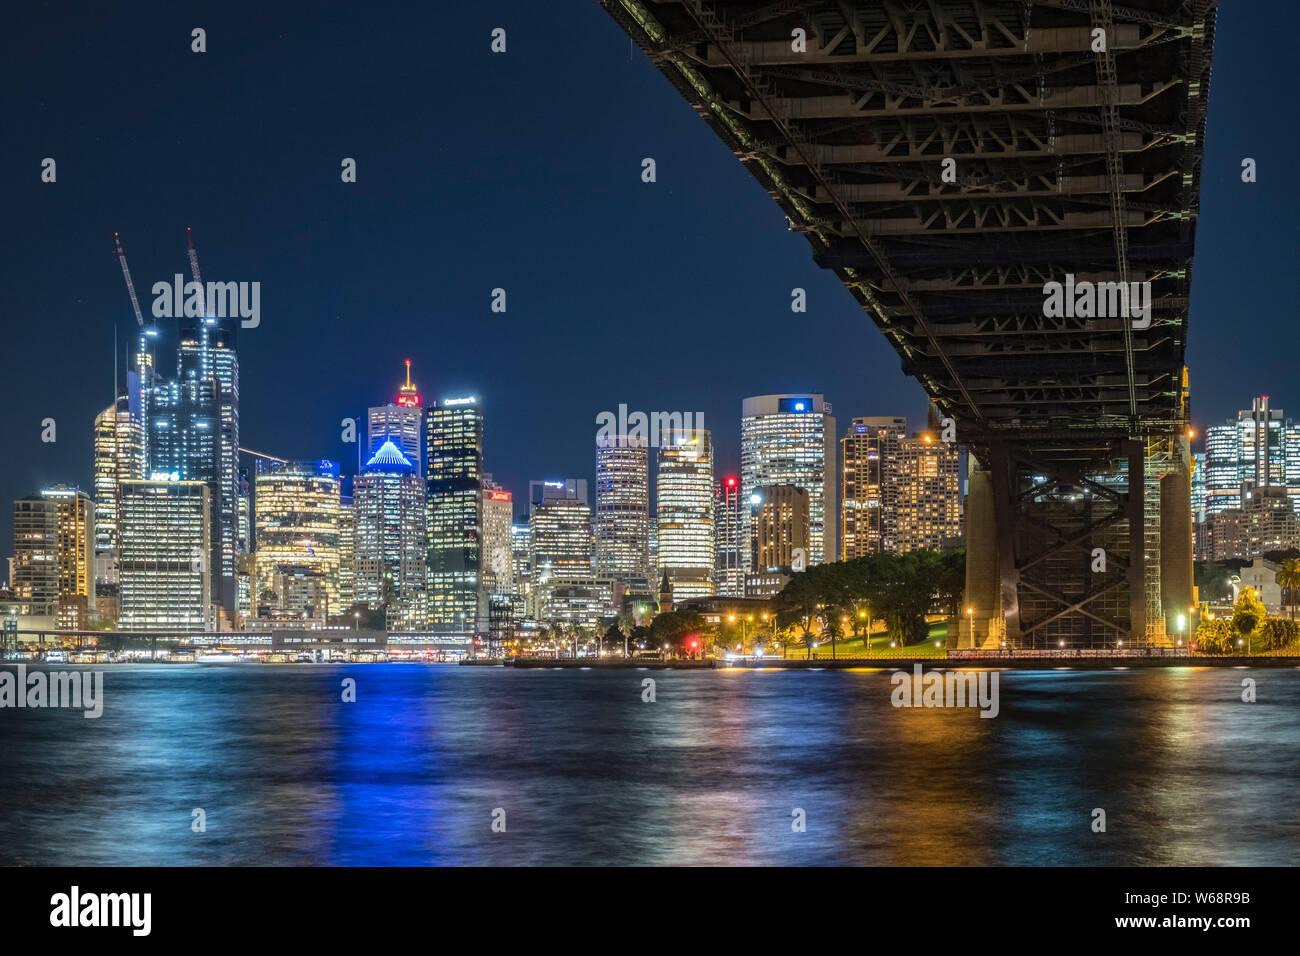 Le Sydney Harbour Bridge est un acier, classé au patrimoine mondial par l'intermédiaire de arch pont sur le port de Sydney qui transporte des véhicules ferroviaires, et des piétons, vélos, t Banque D'Images